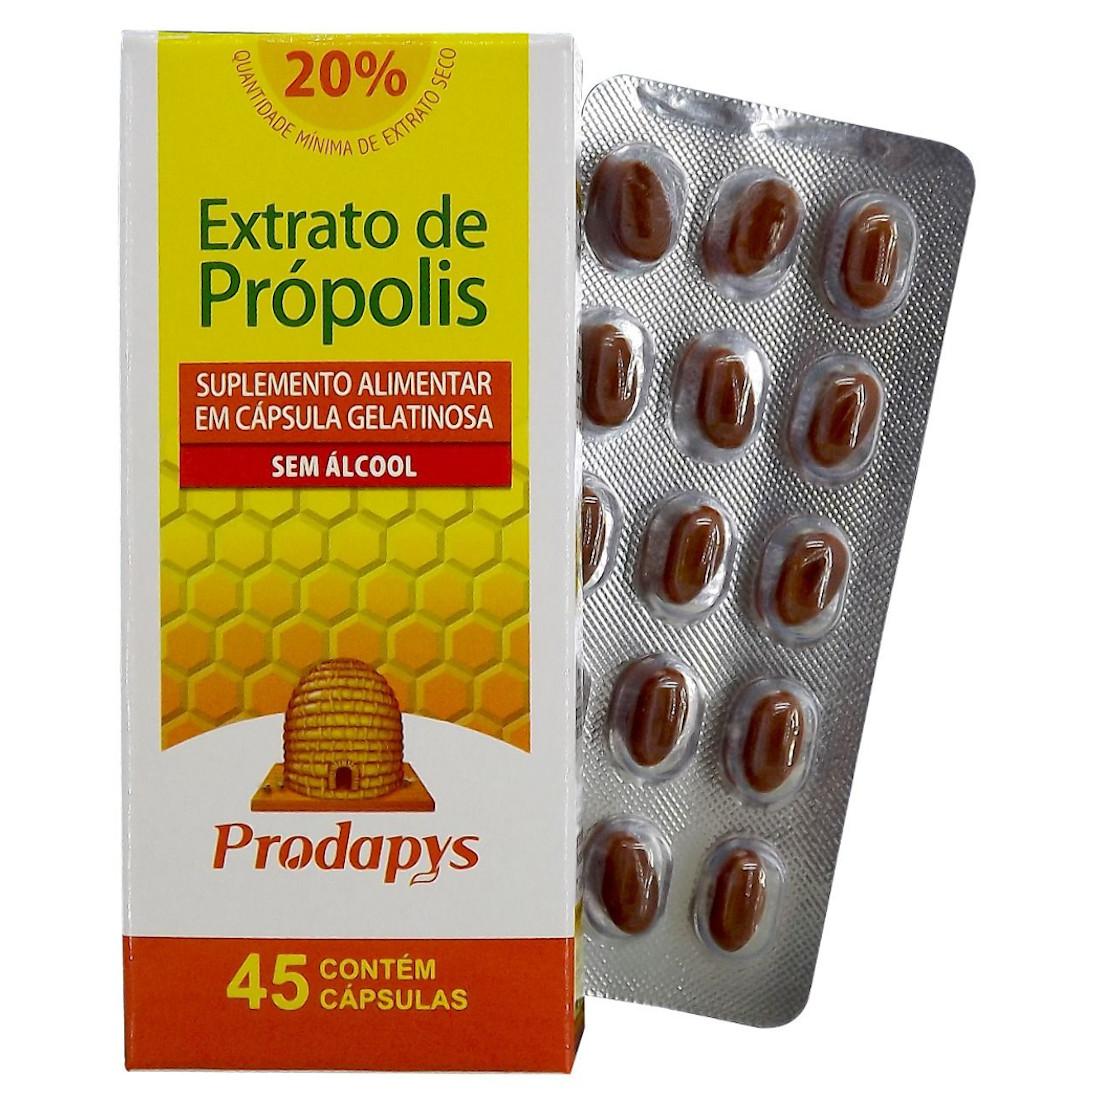 Própolis Marrom - Suplemento Alimentar 45 Cápsulas sem Álcool